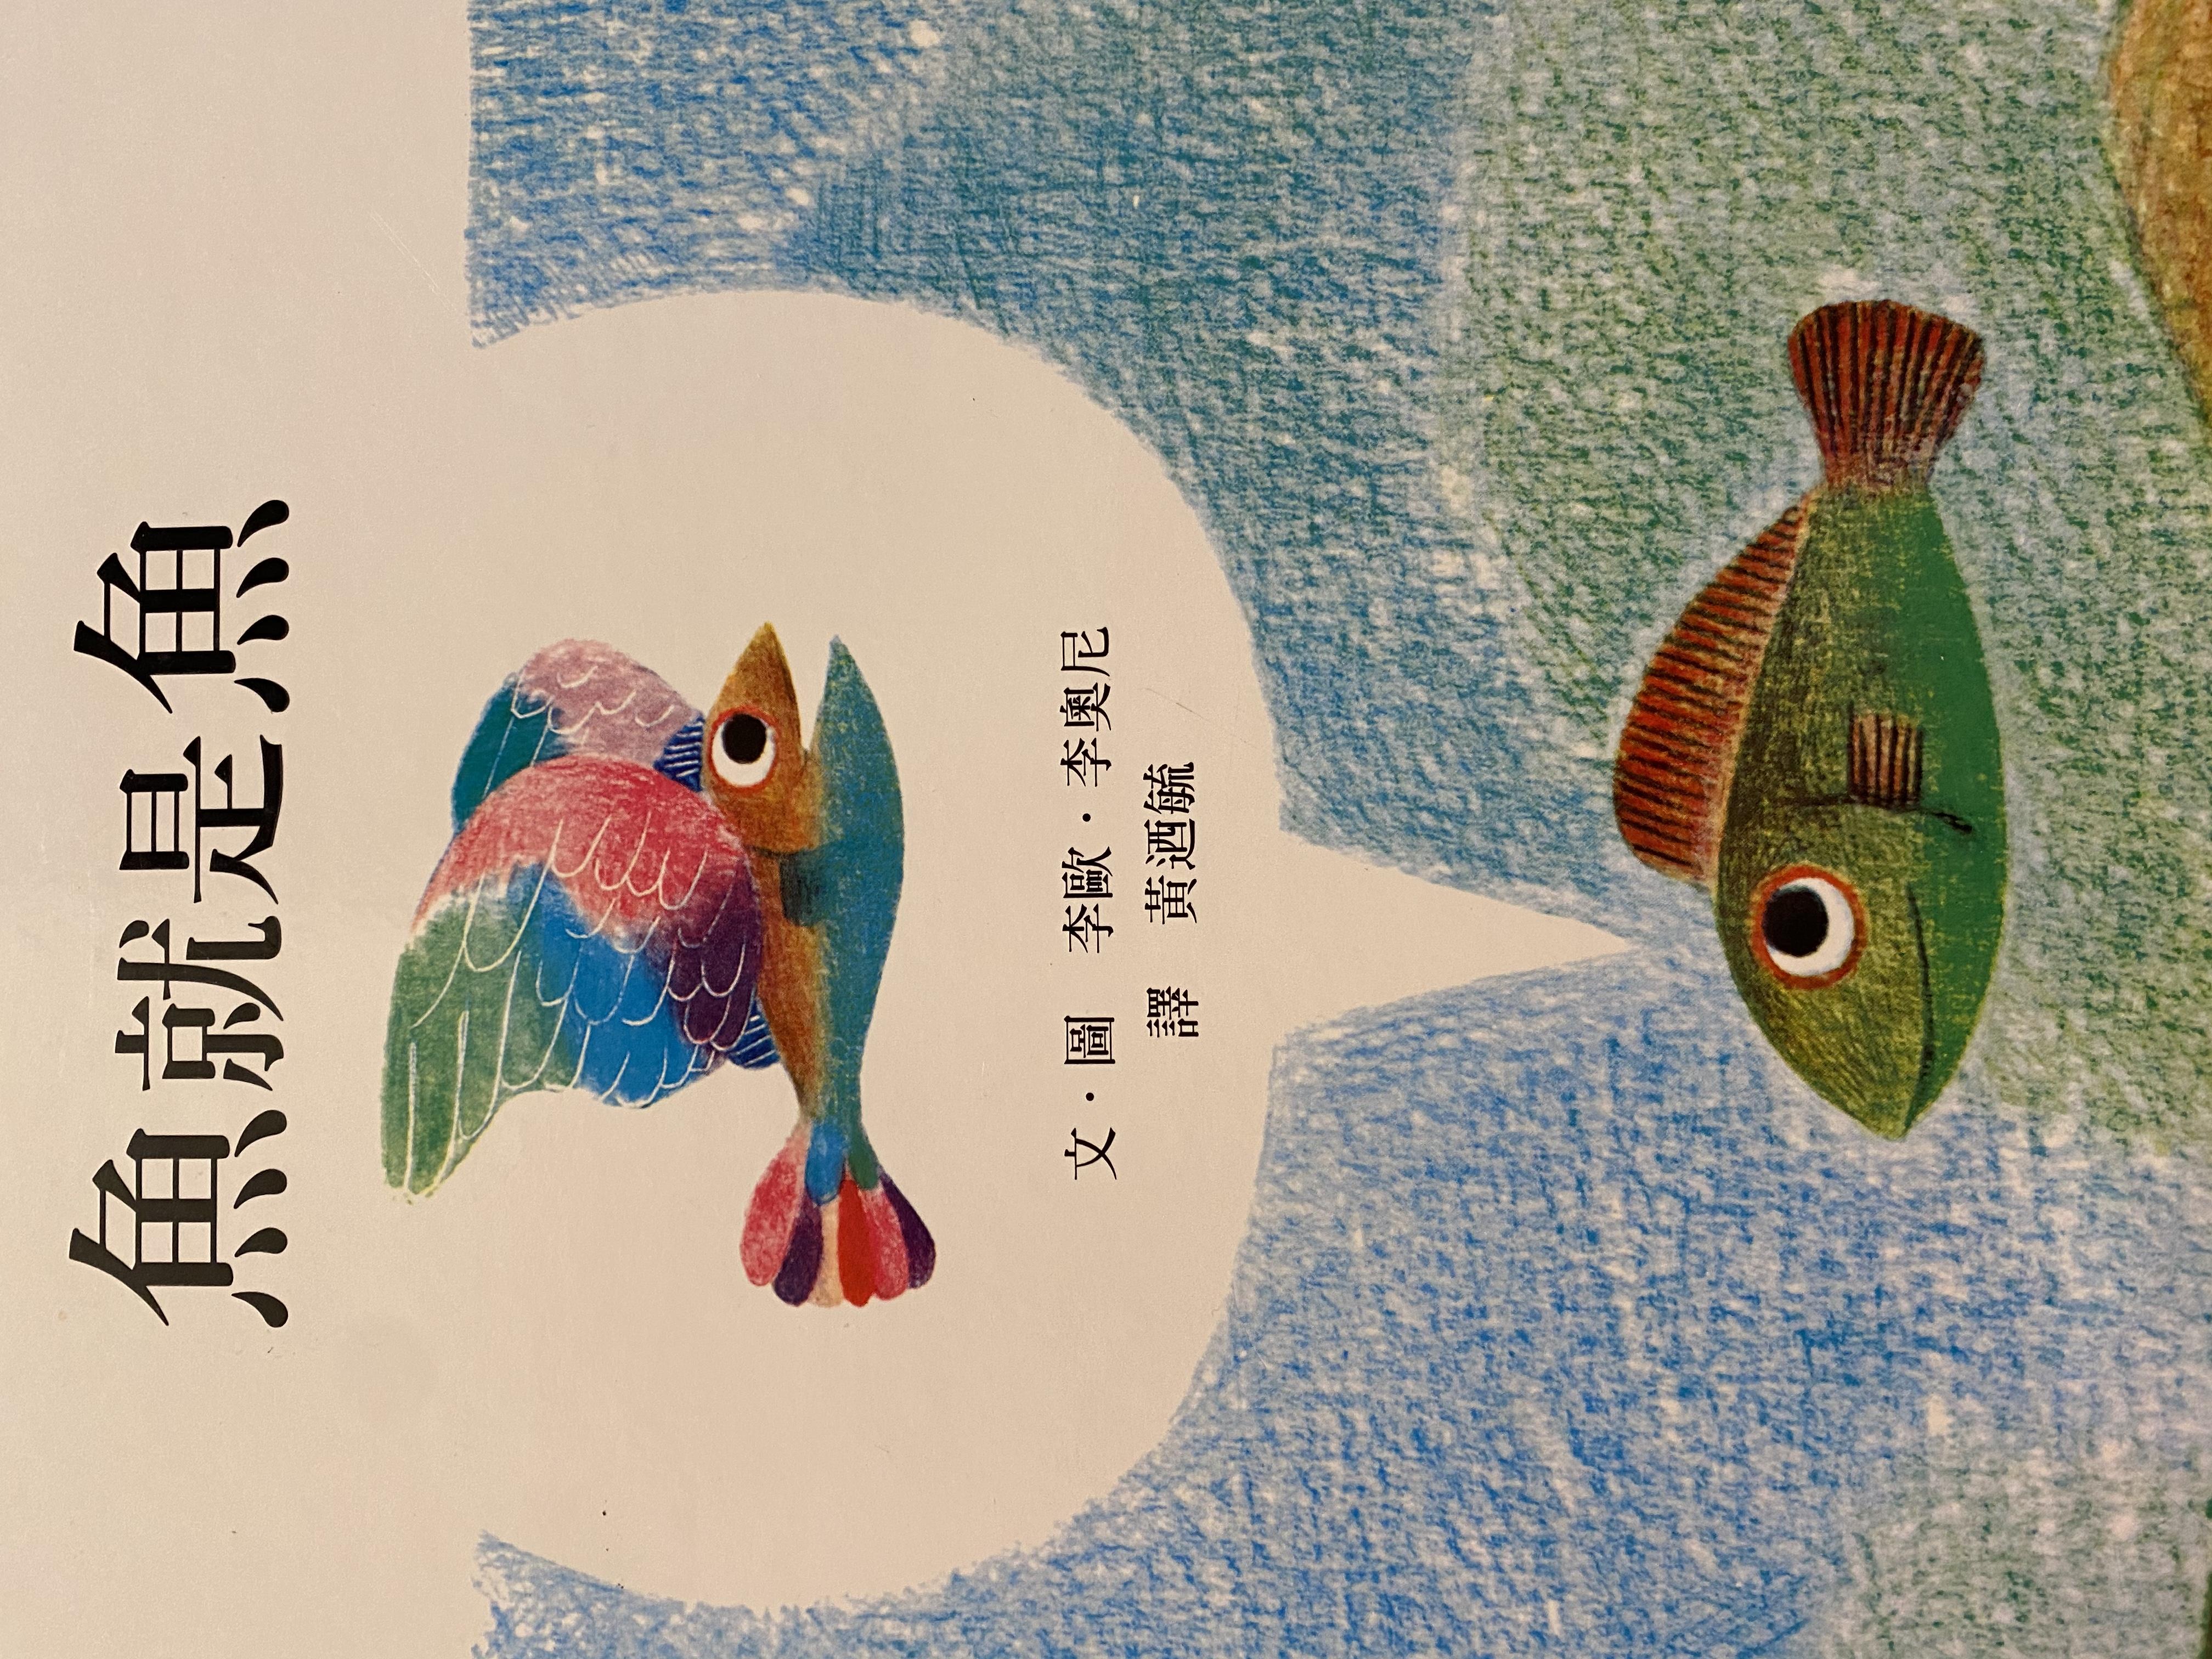 S3-050/ 魚就是魚/ 文圖 李毆 李奧尼/ 譯 黃迺毓/ 上誼